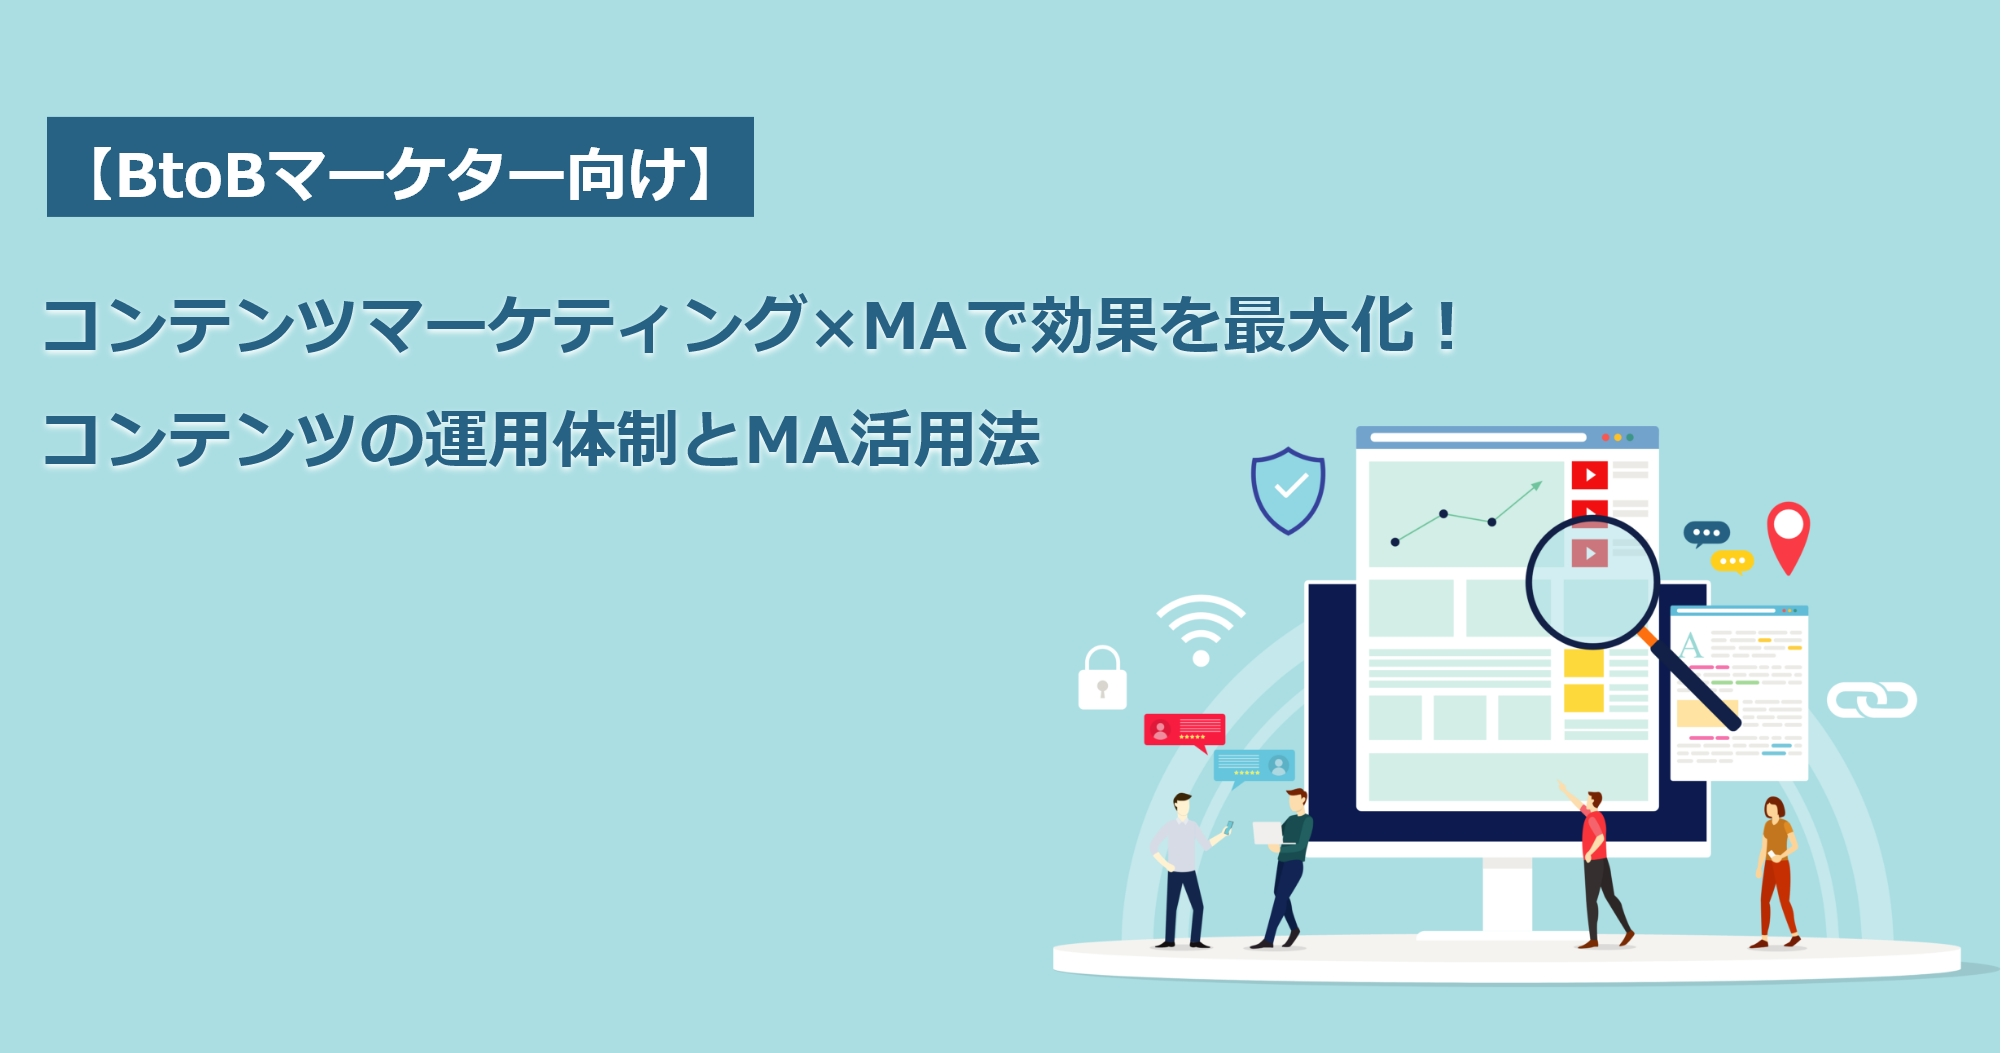 【全3日程】BtoBマーケター必見!コンテンツマーケティング×MAで効果を最大化!コンテンツの運用体制とMA活用法